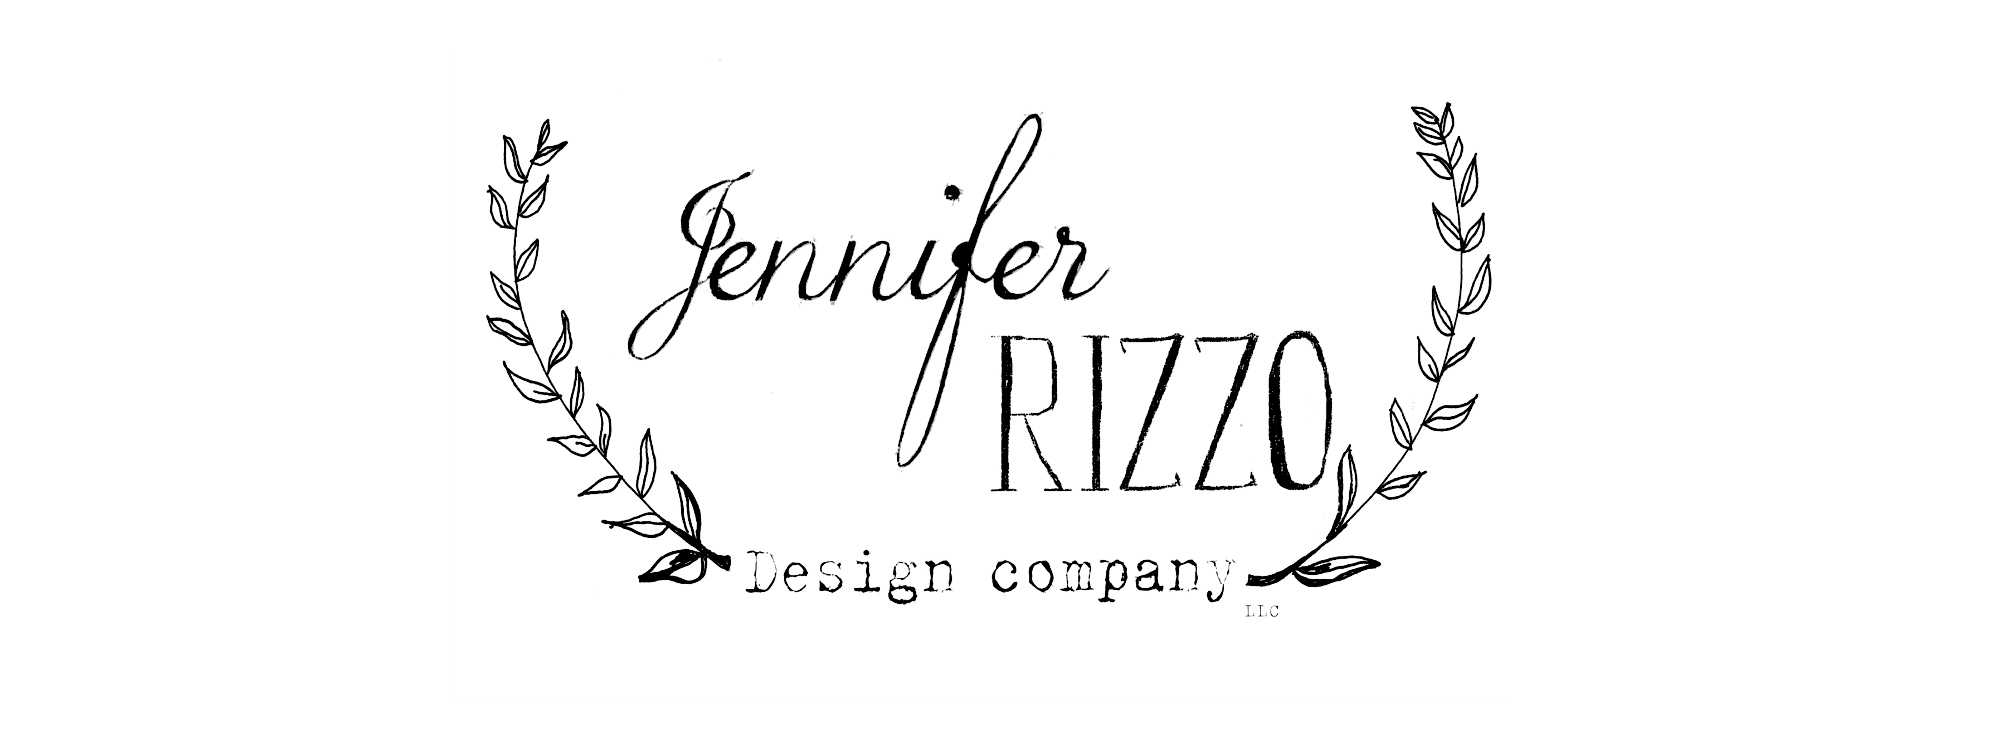 Jennifer Rizzo Signature